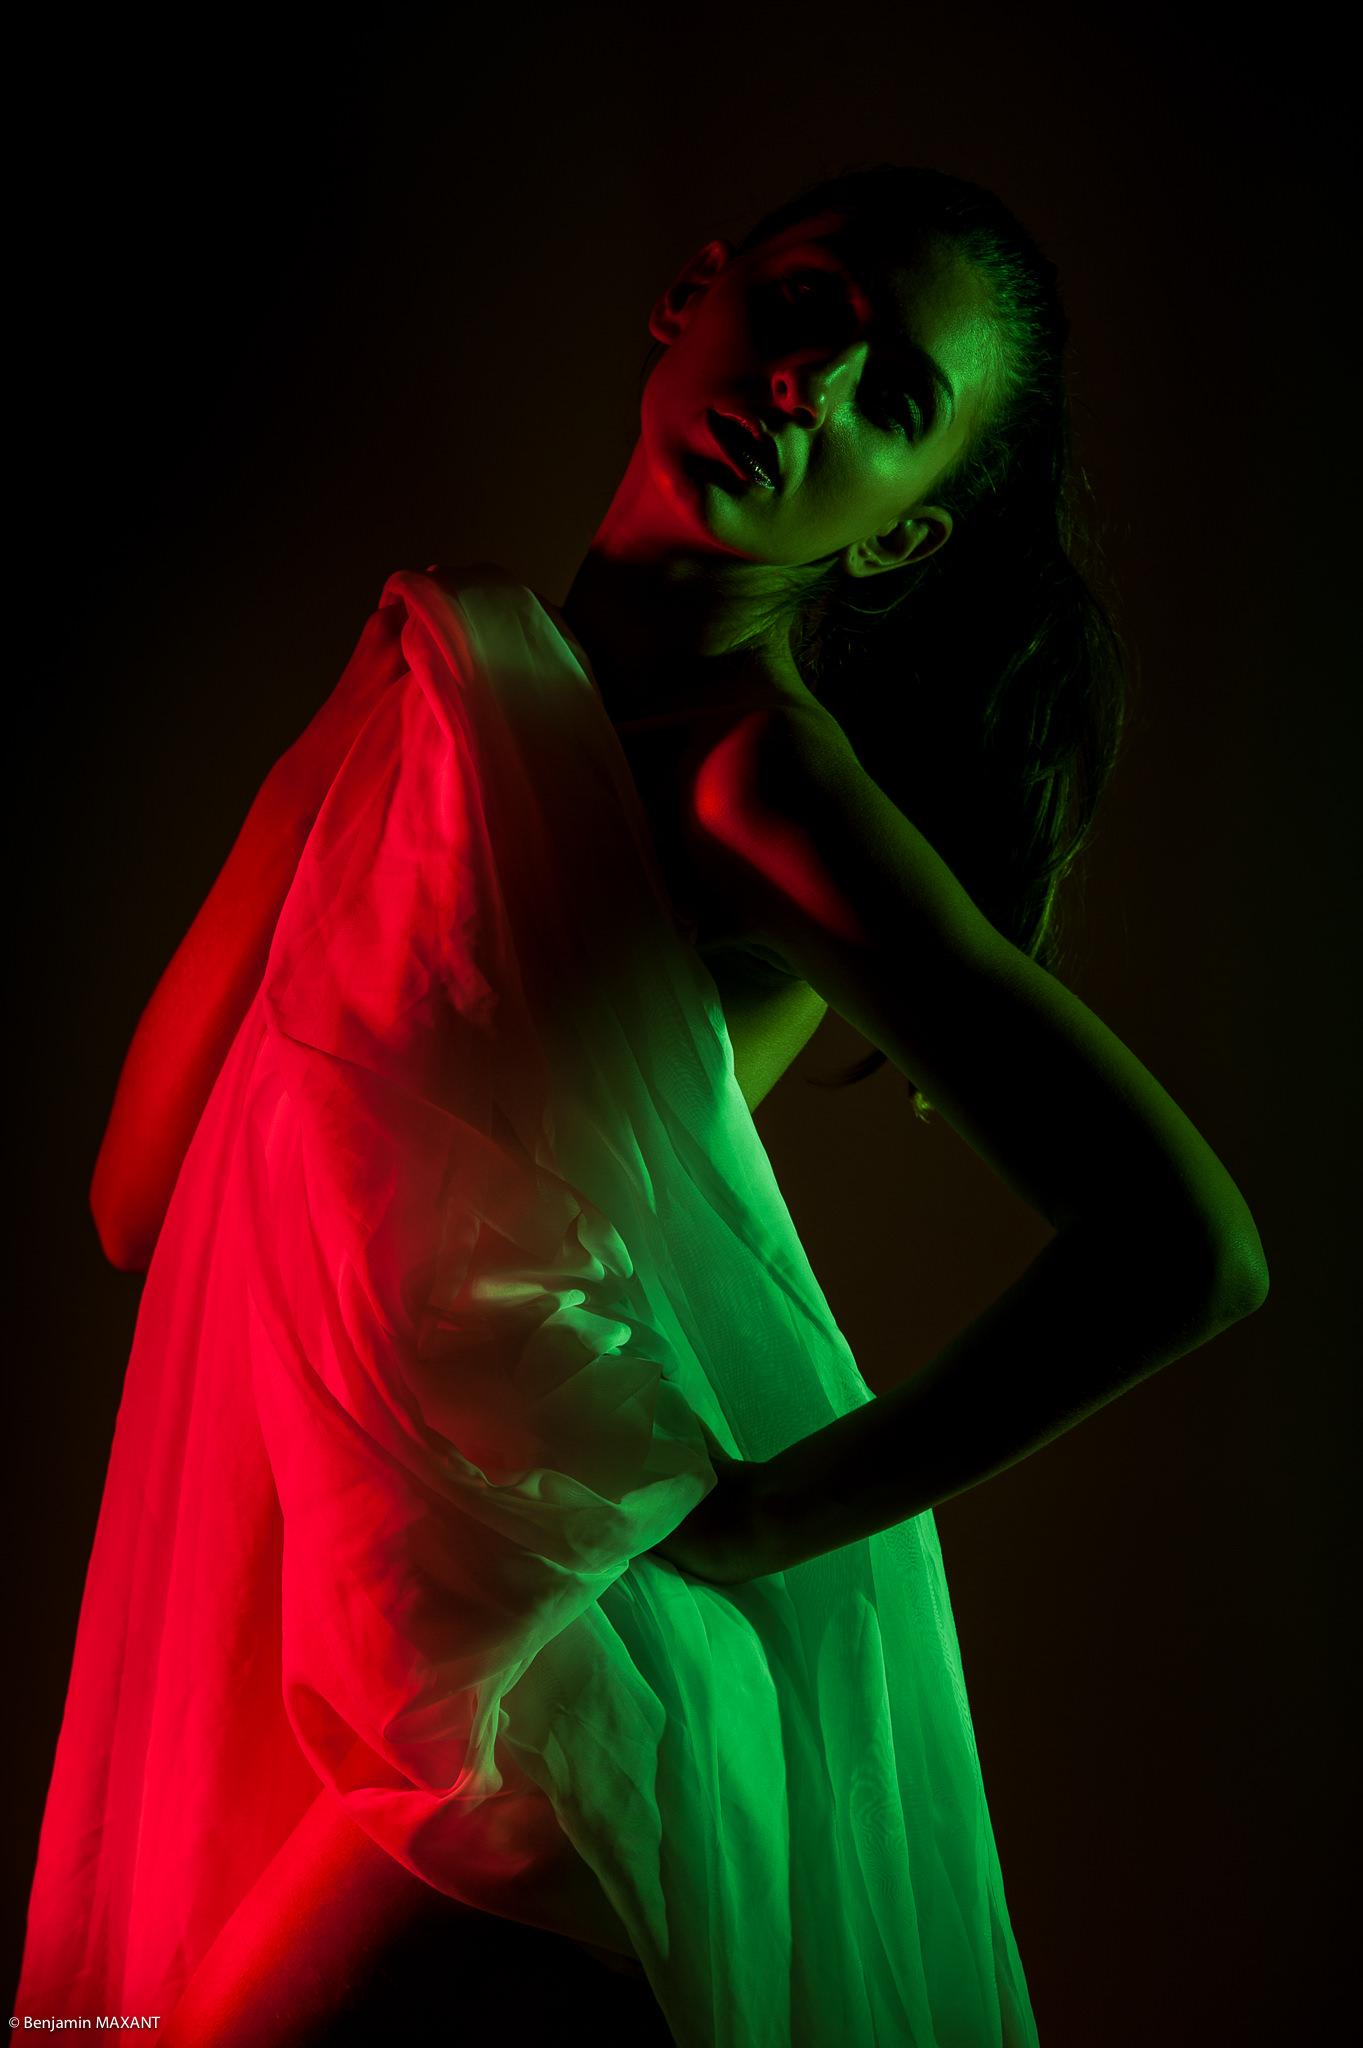 Séance photo nu artisitque voile lumière colorée en studio